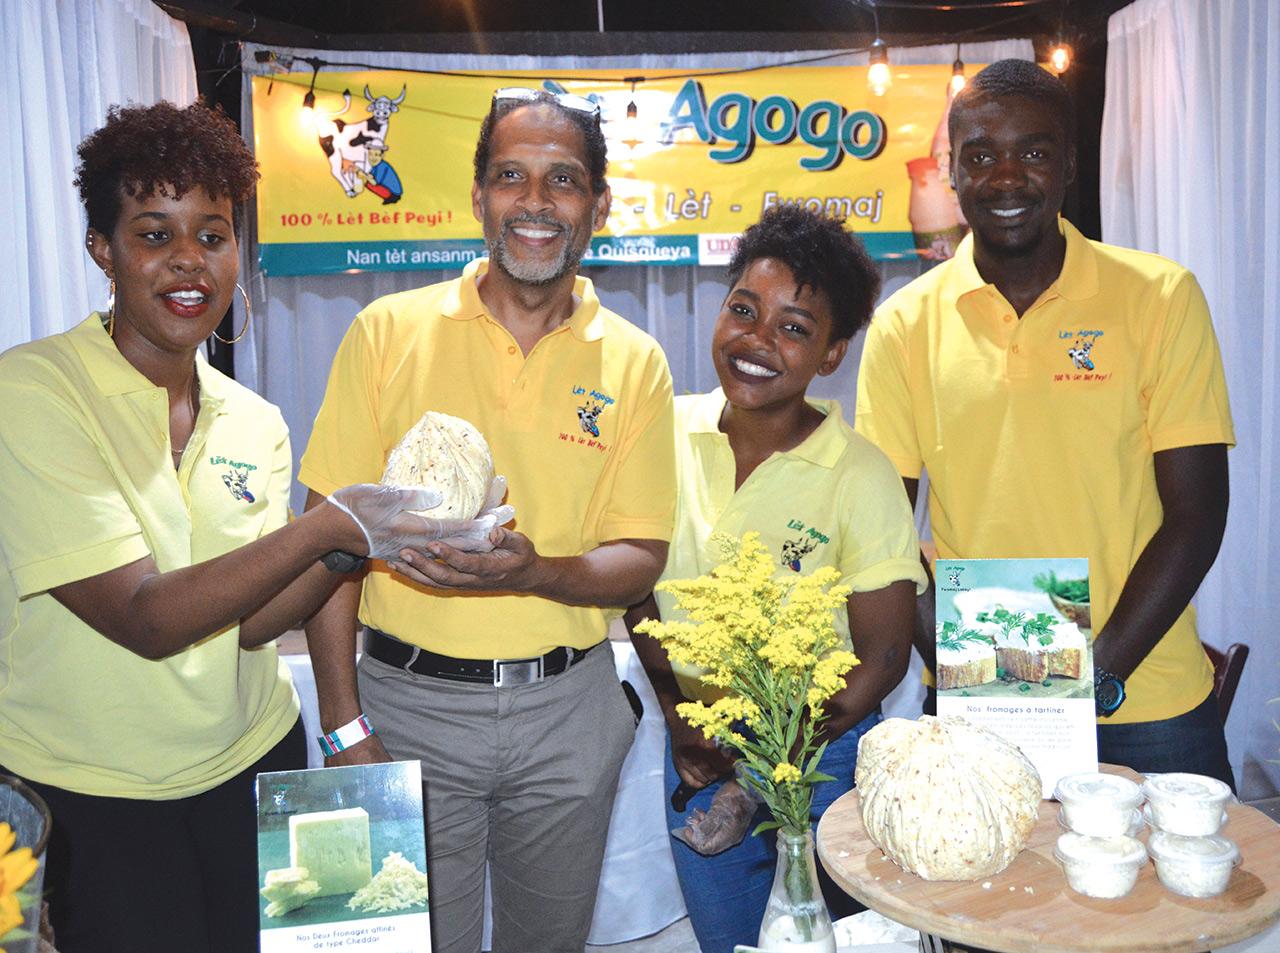 Michel Chancy entouré de son équipe, présente les nouvelles spécialités fromagères de Lèt a gogo.